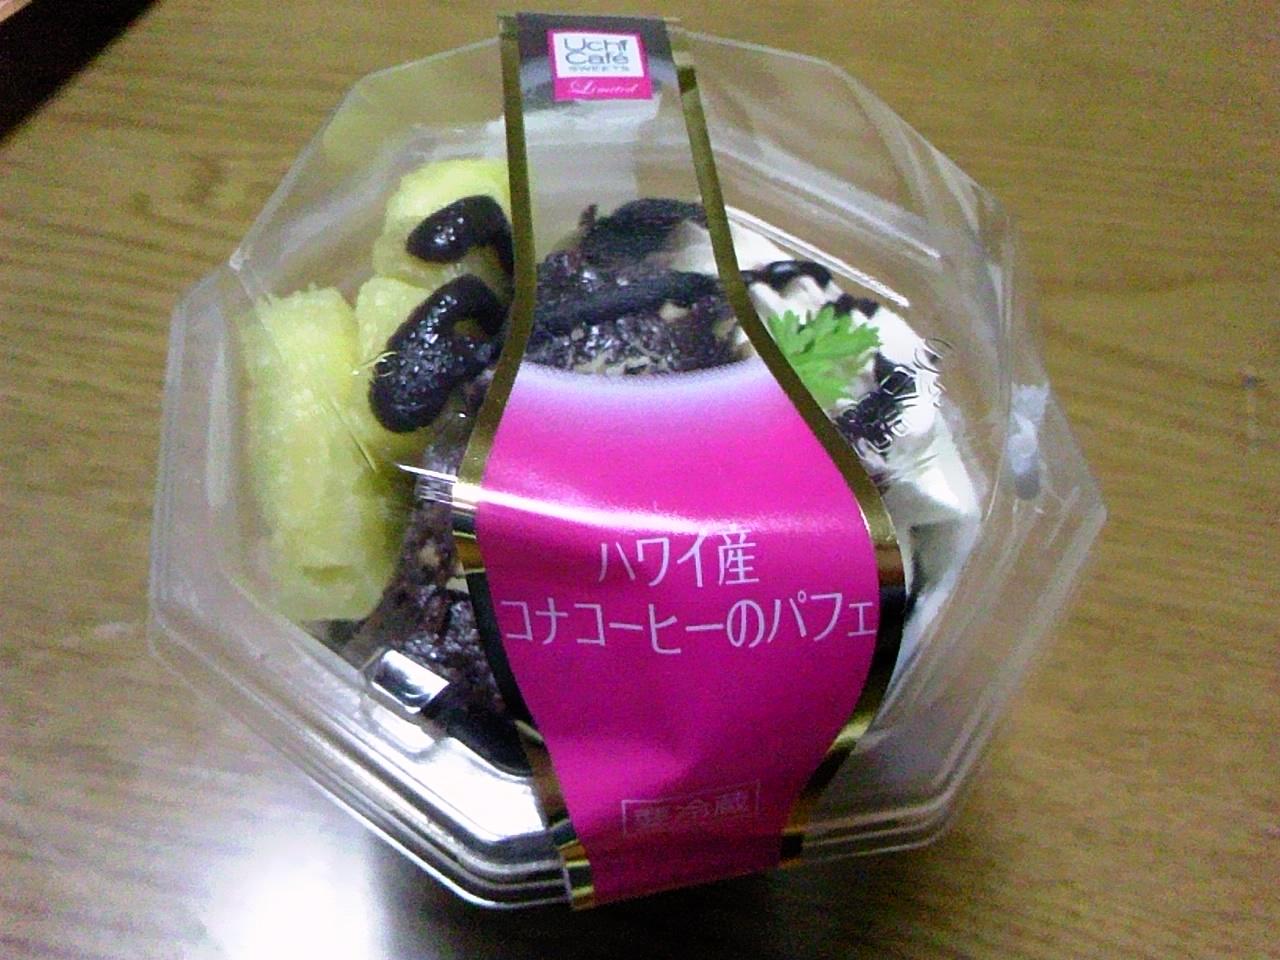 ローソン2011春コレスイーツ第5弾!